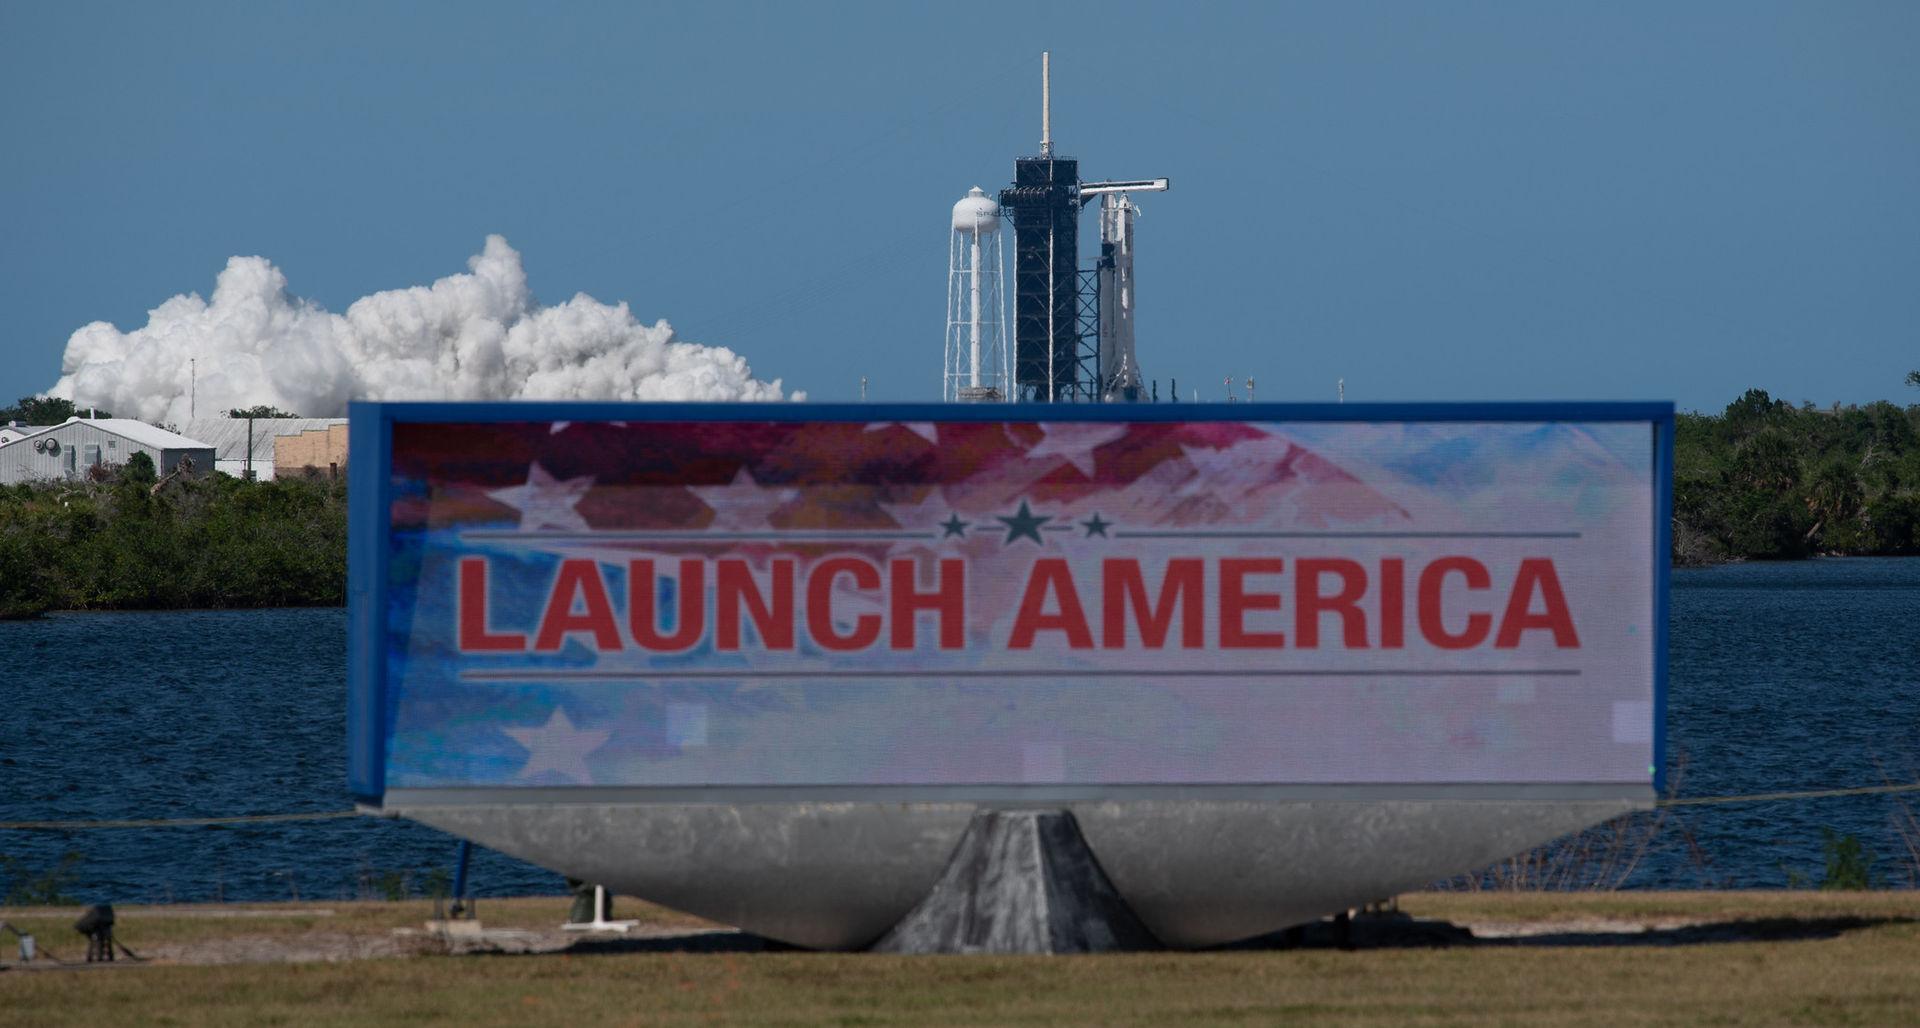 Historisk raketuppskjutning inställd på grund av vädret